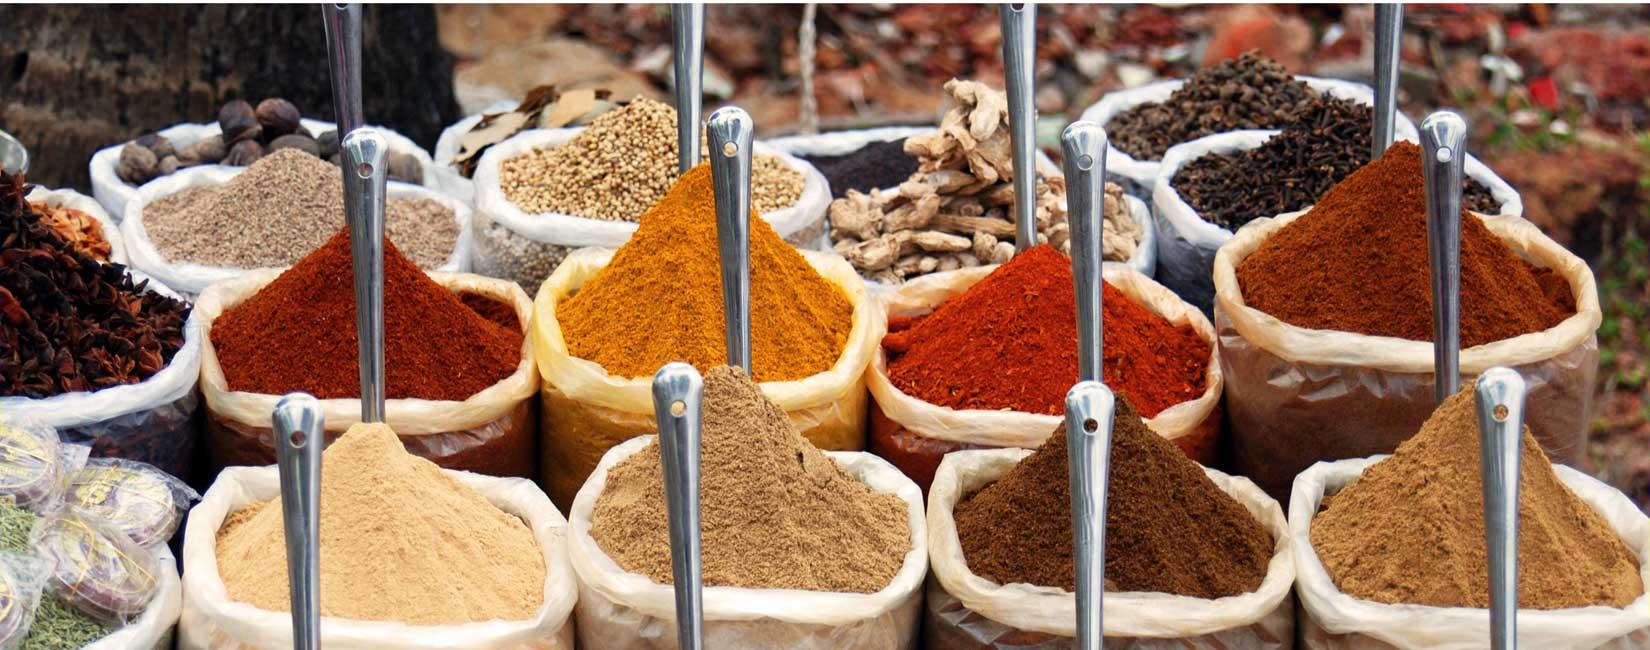 Le curry, une façon de cuisiner